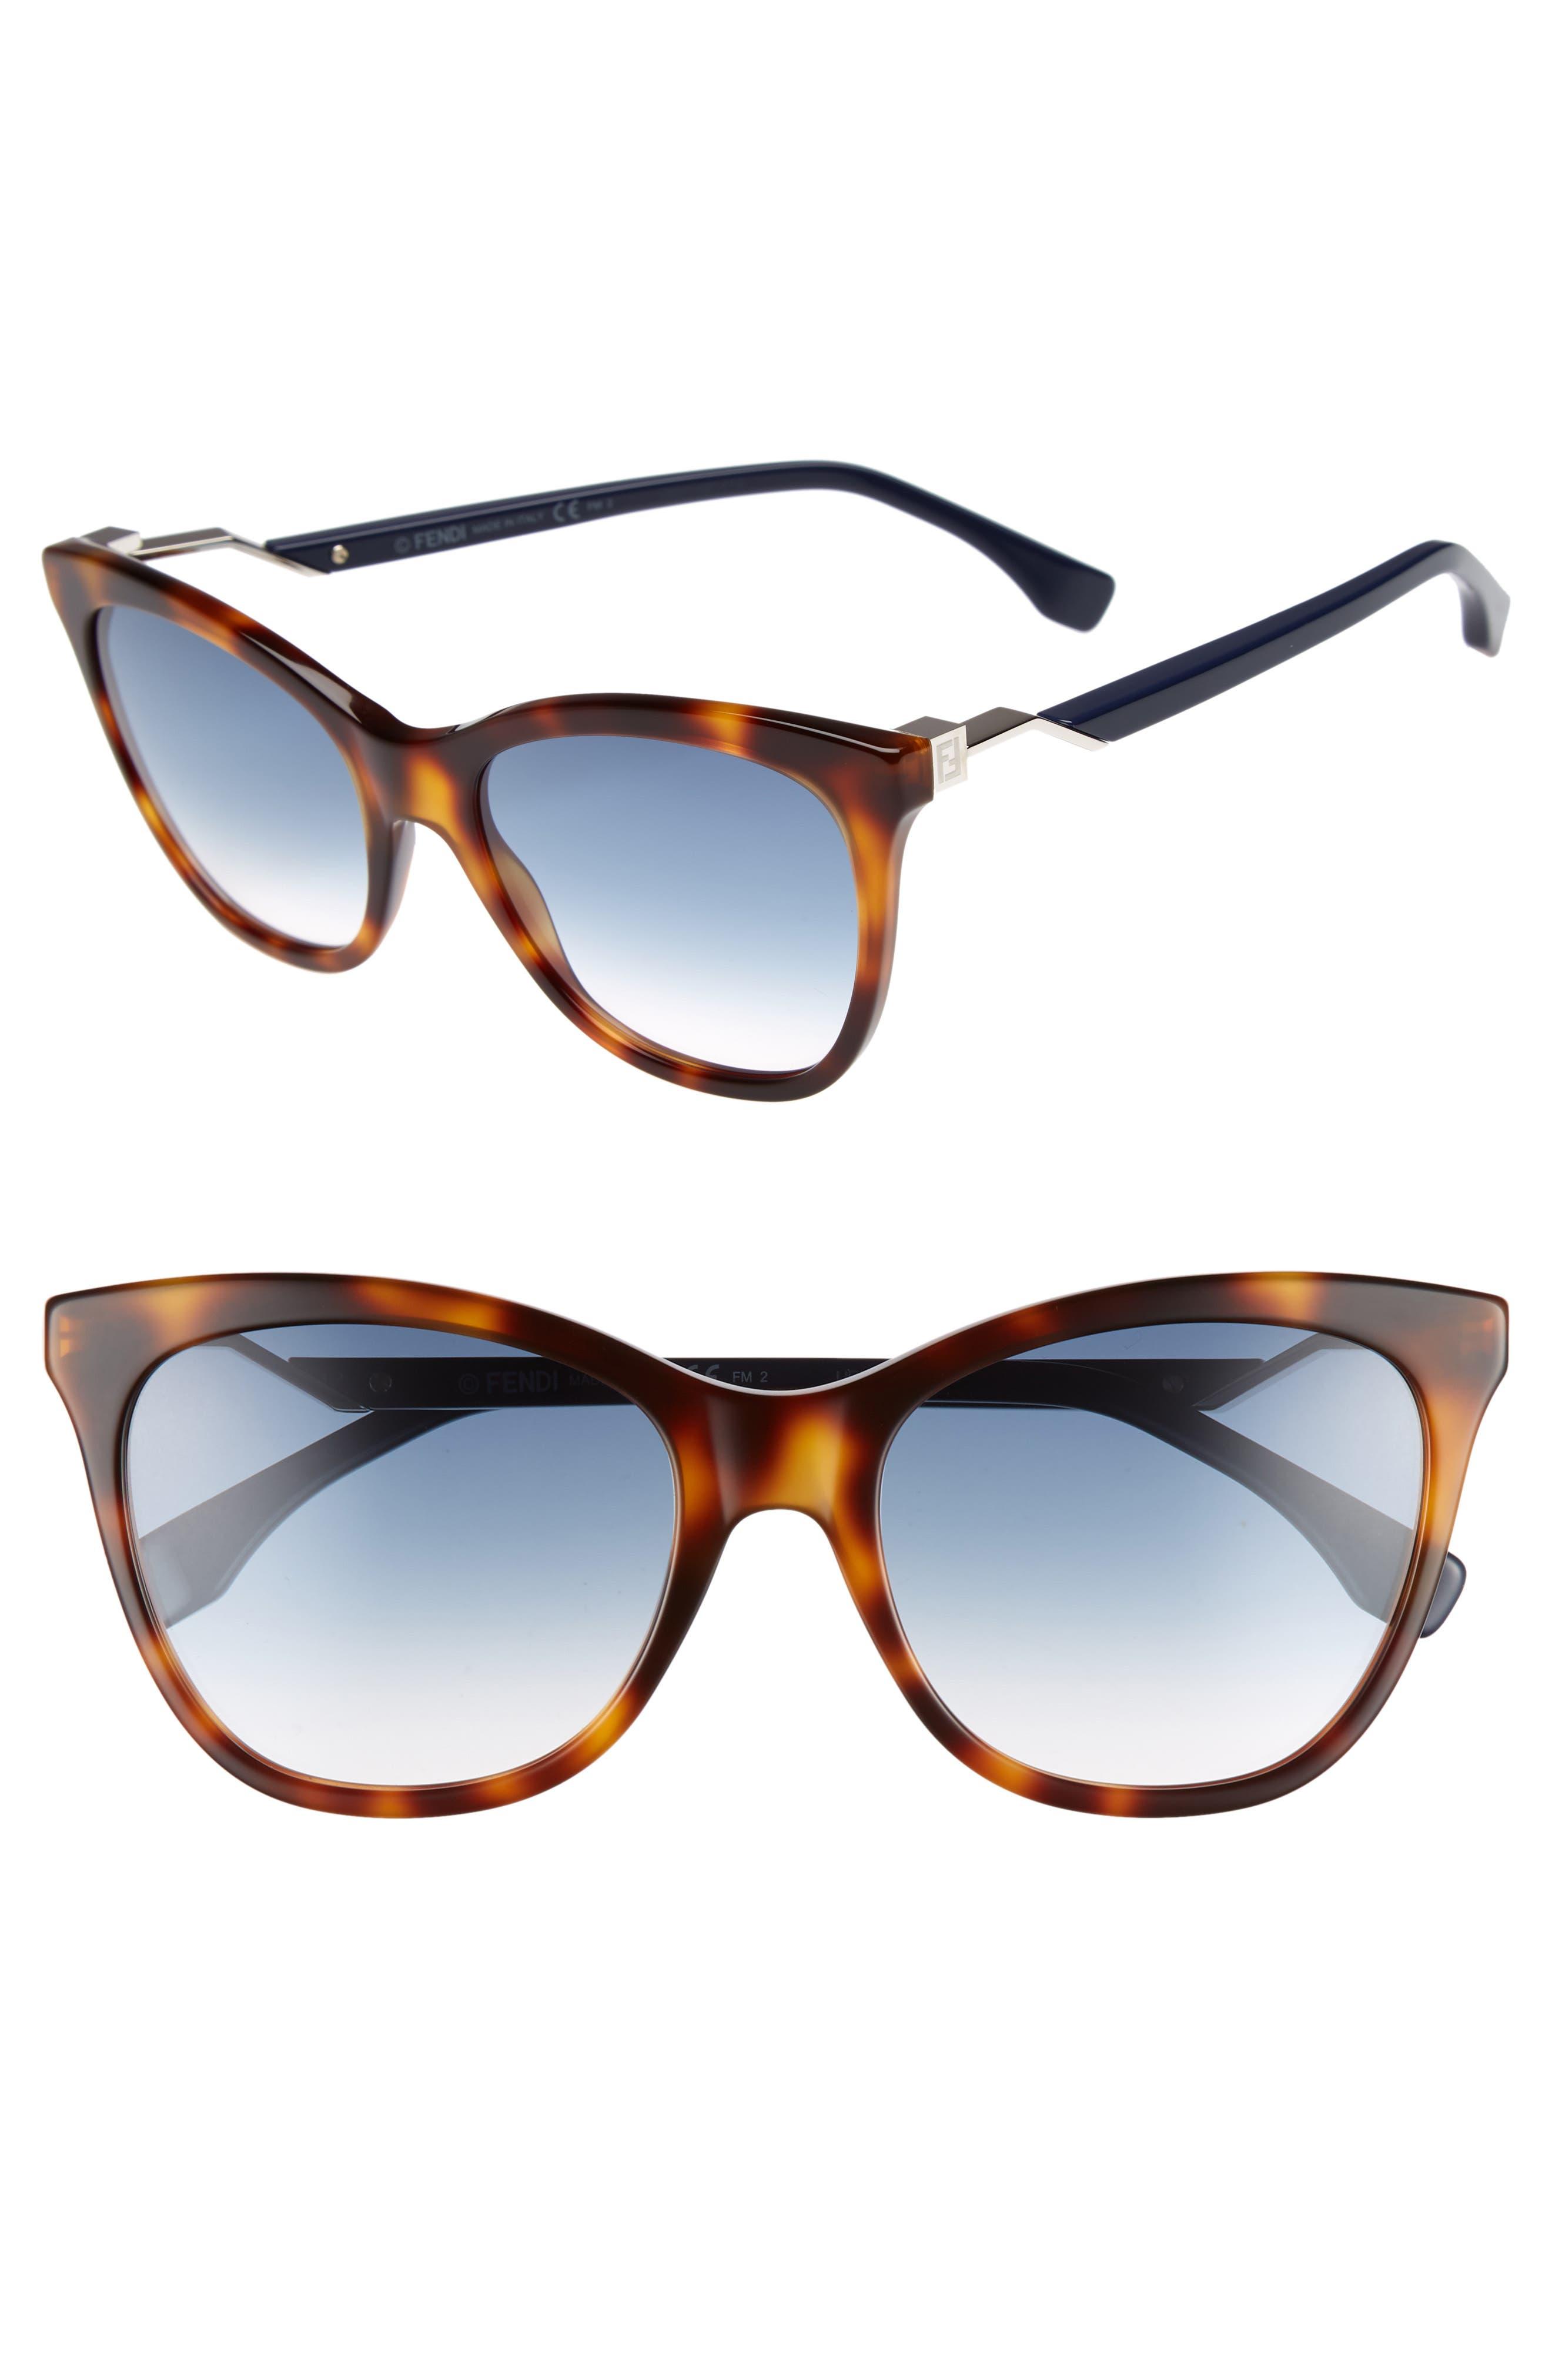 Cube 55mm Cat Eye Sunglasses,                             Main thumbnail 1, color,                             413